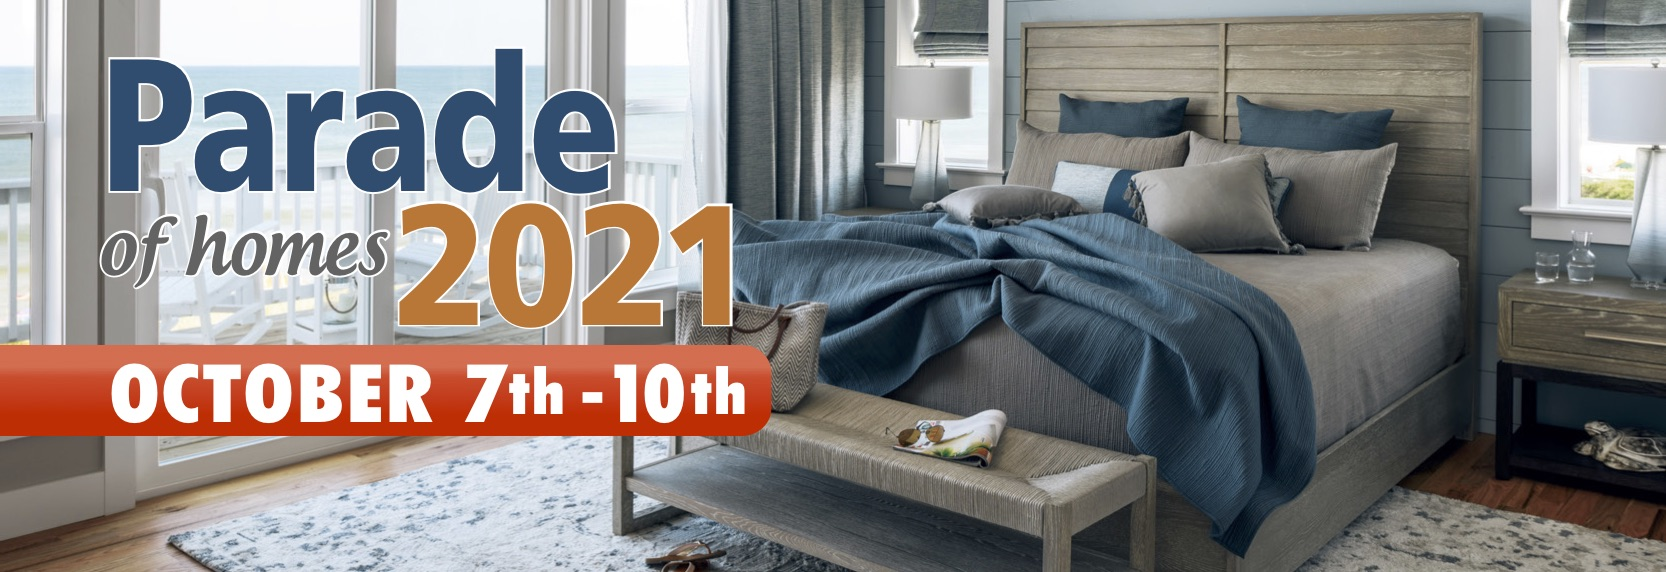 OB Home Builder 2021 Parade Header Image 1600x550